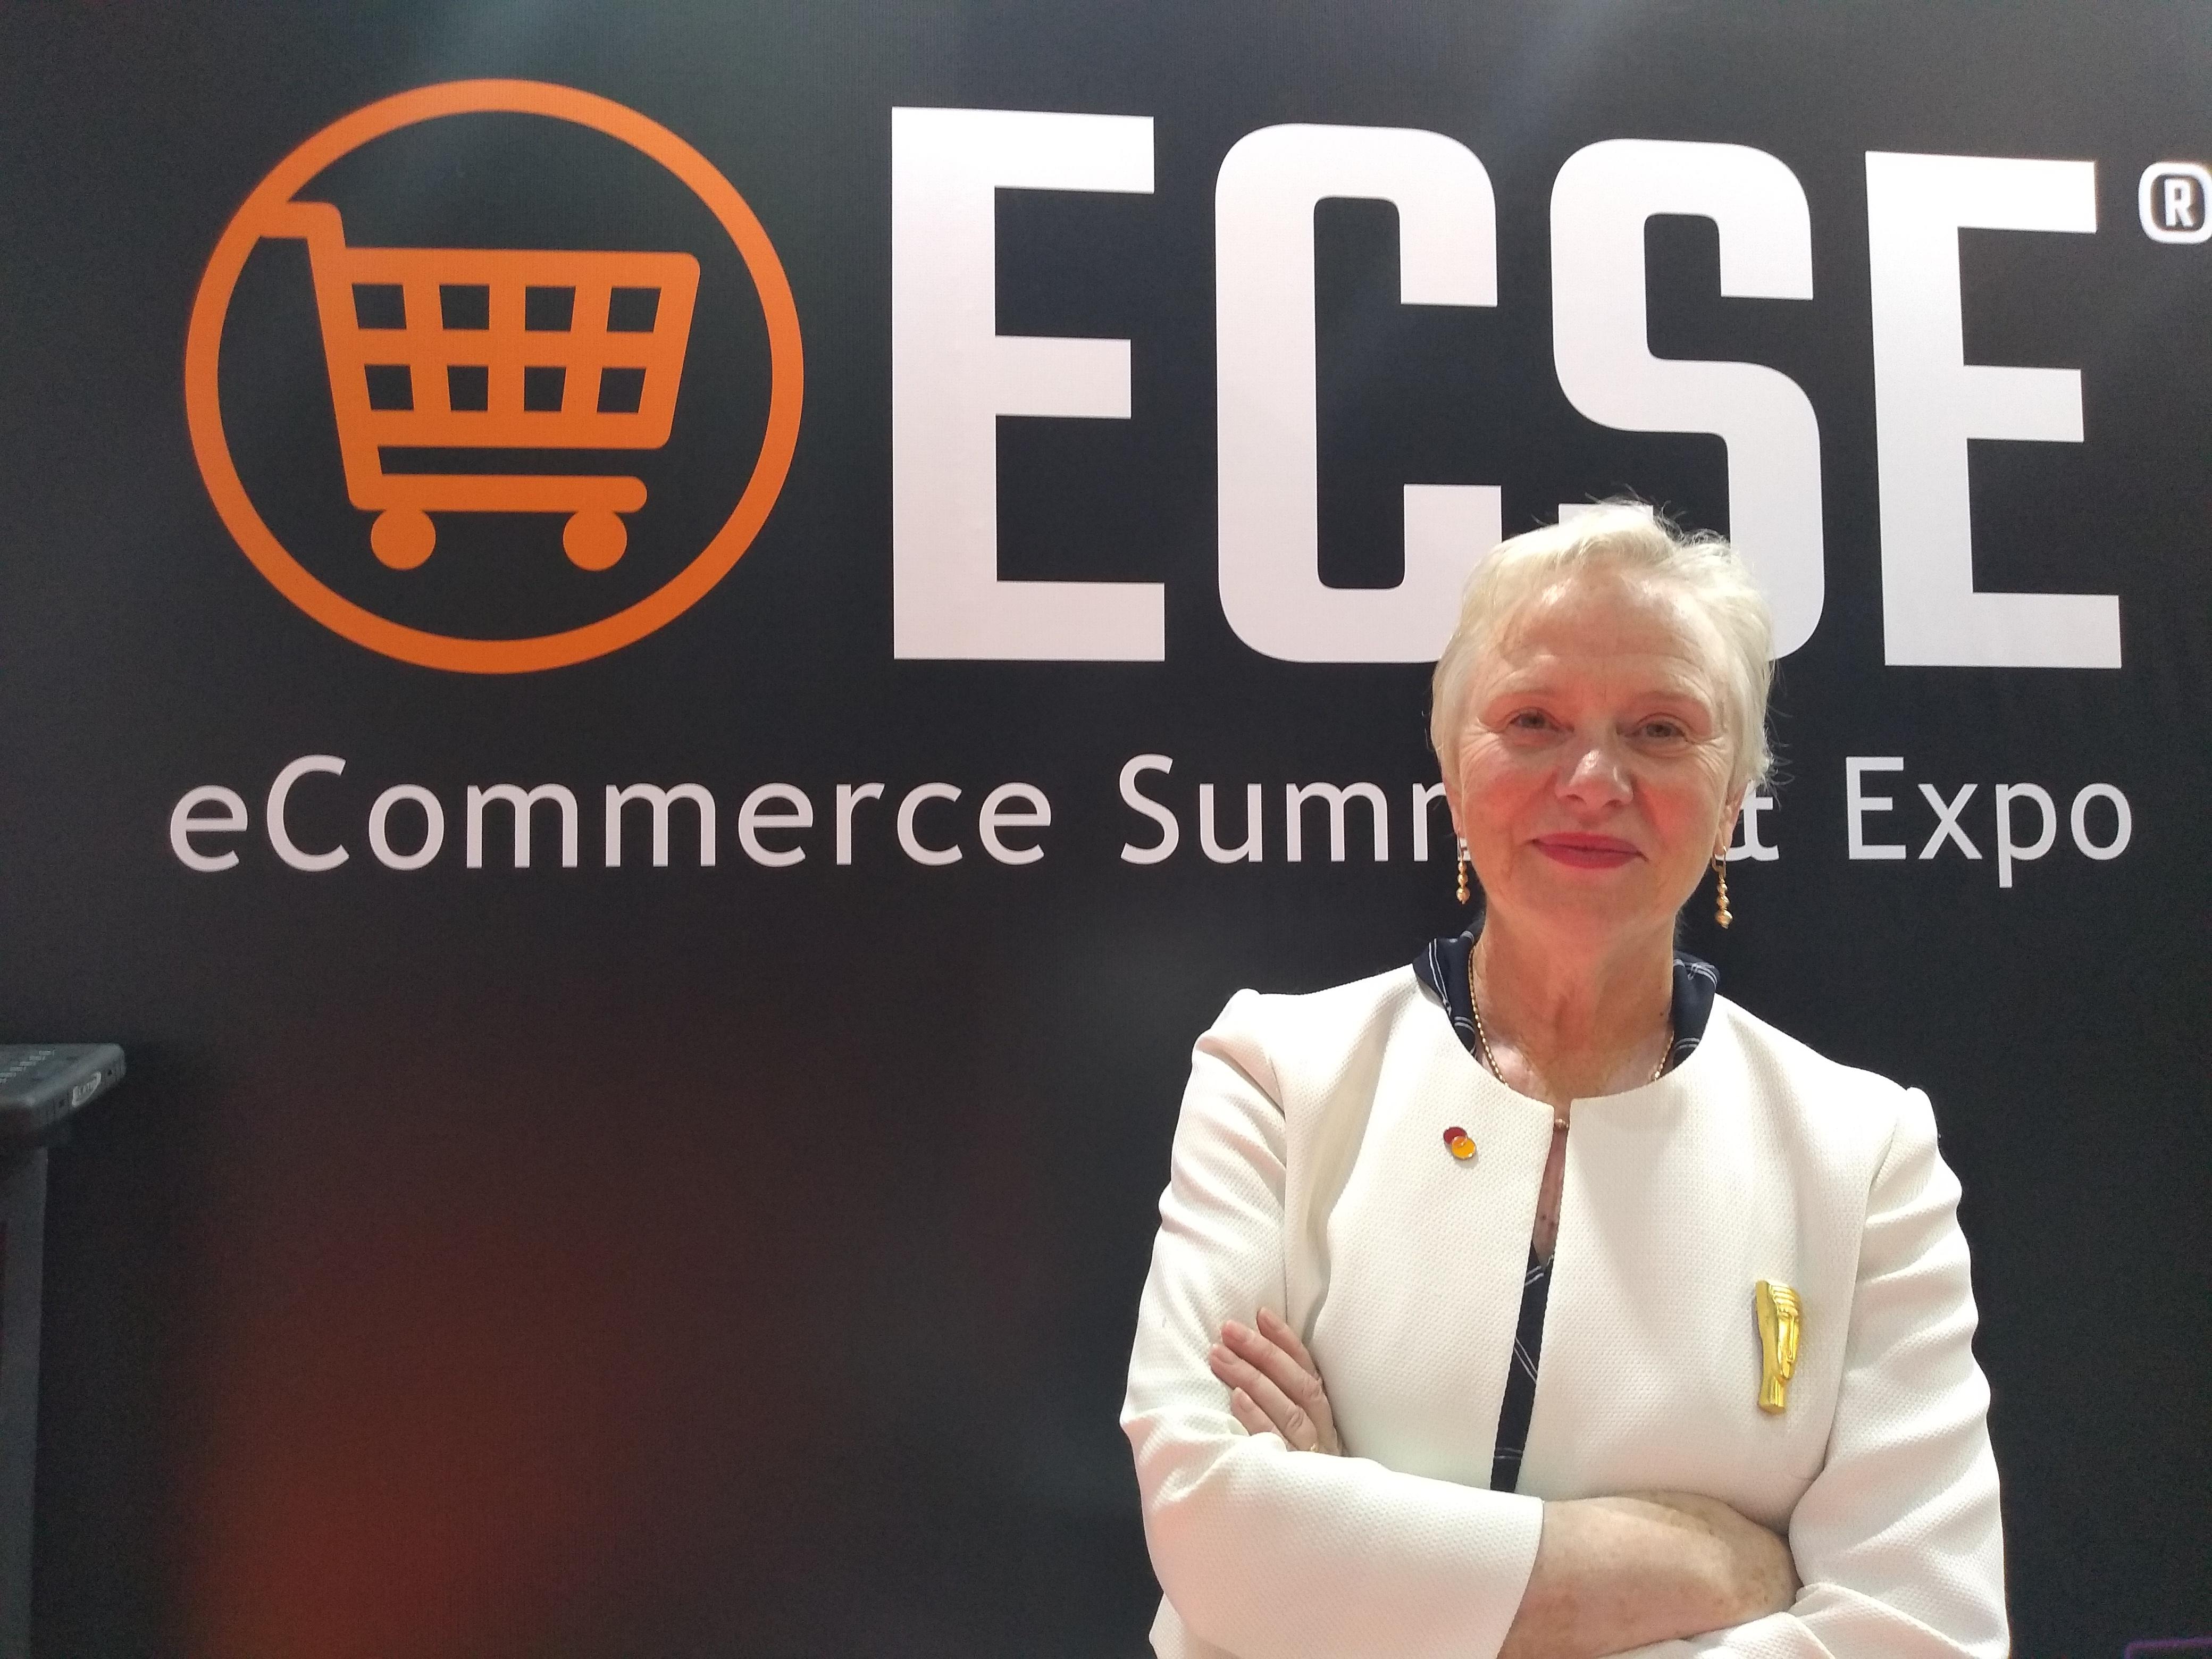 México, obligado a crear infraestructura para el e-commerce: Mastercard